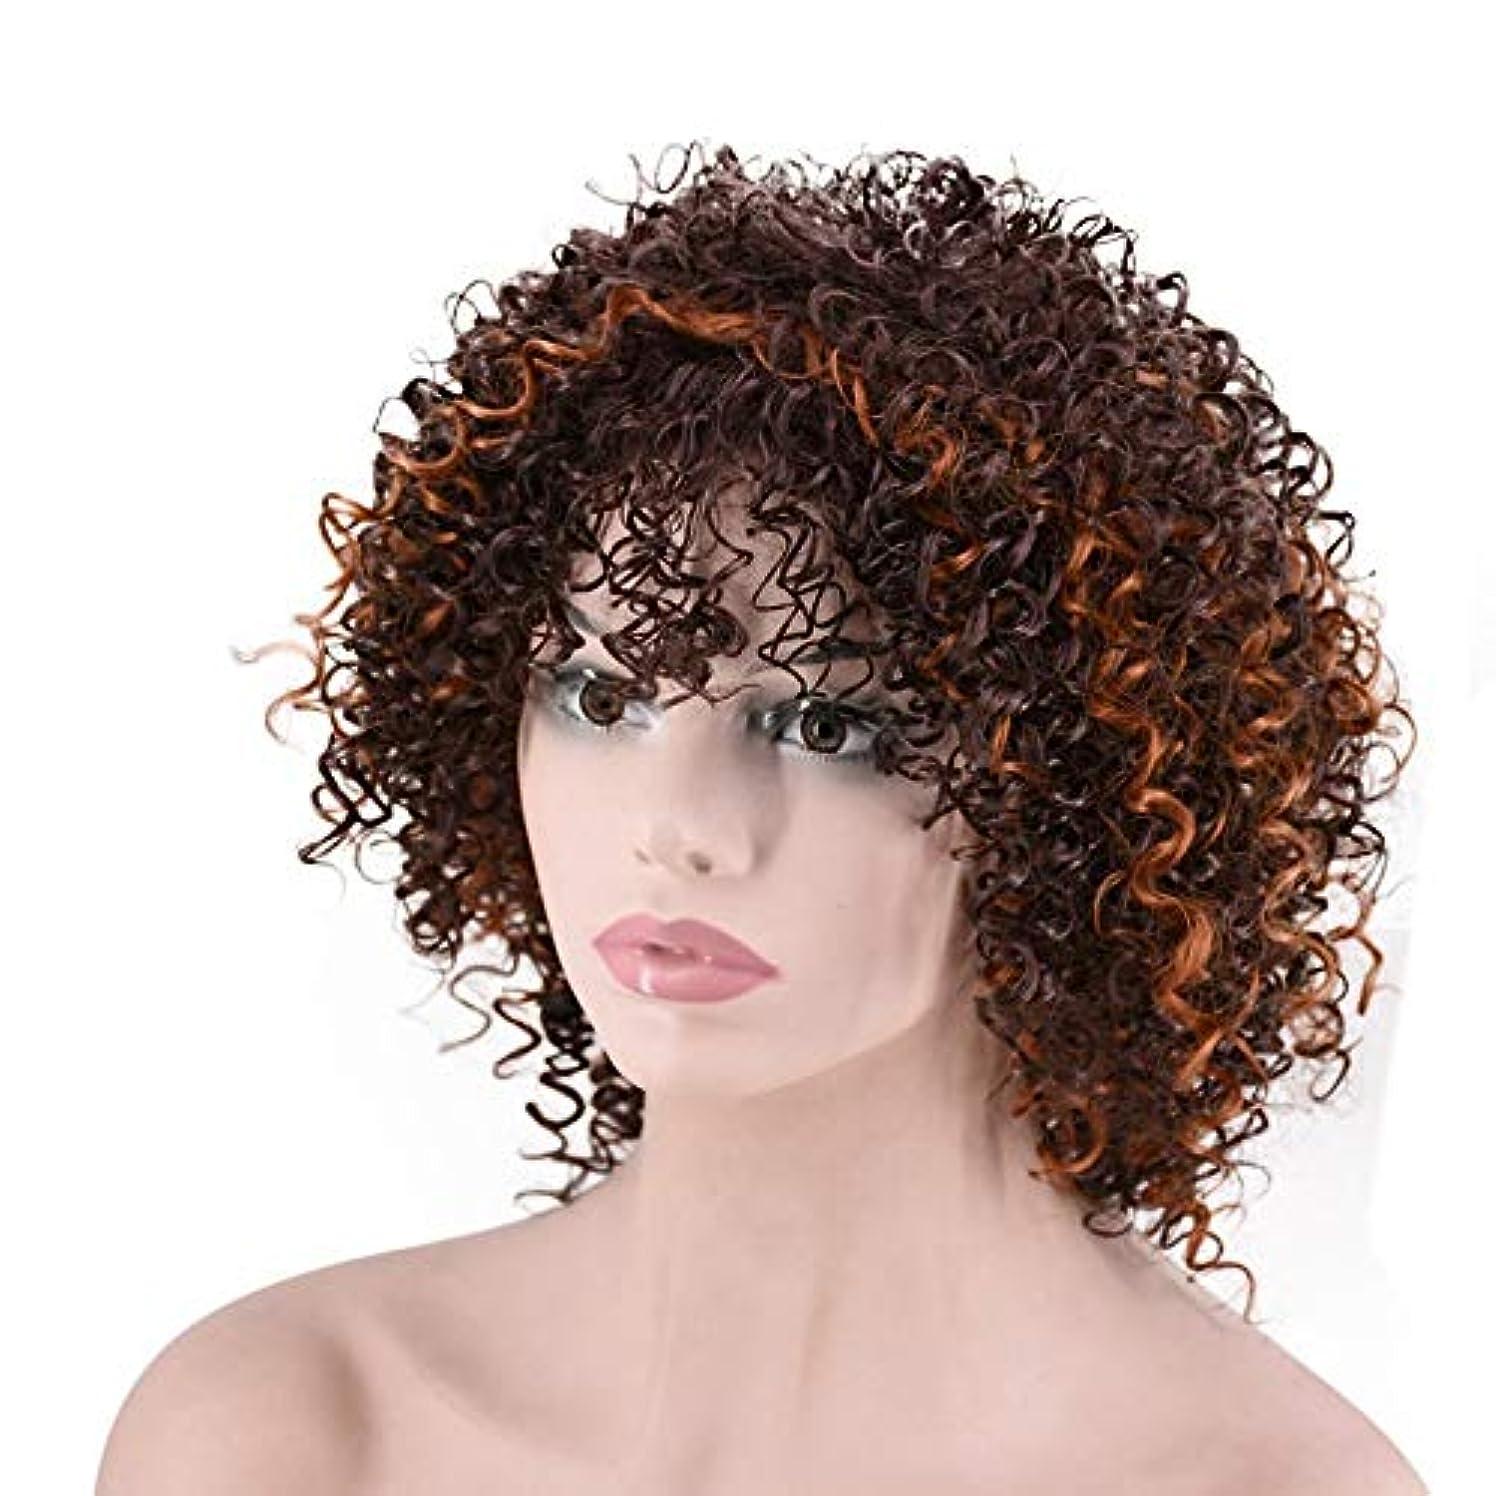 先史時代の申し立てられた印象派YOUQIU 女性のデイリードレスウィッグのための短い波状カーリーヘアブラウン熱金庫人工毛 (色 : Photo Color)